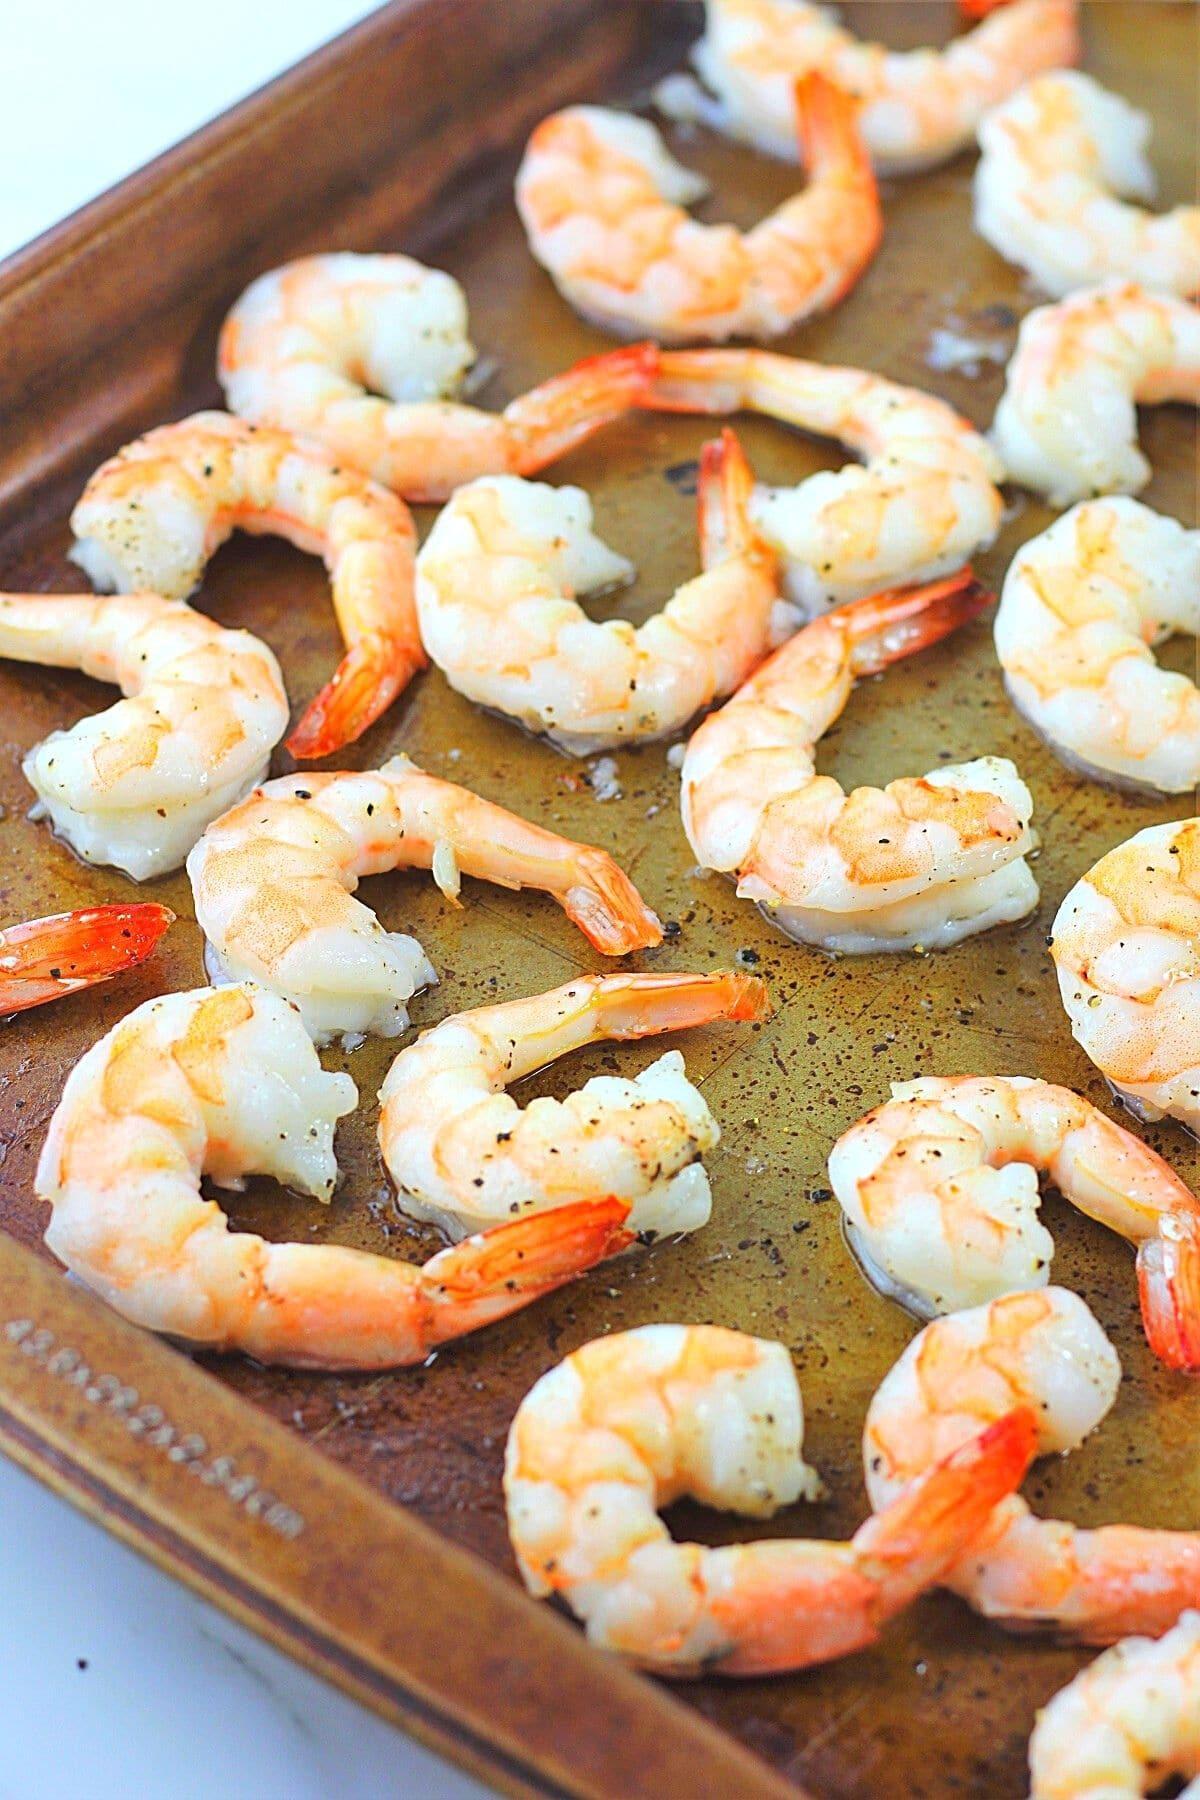 roasted shrimp on a baking sheet